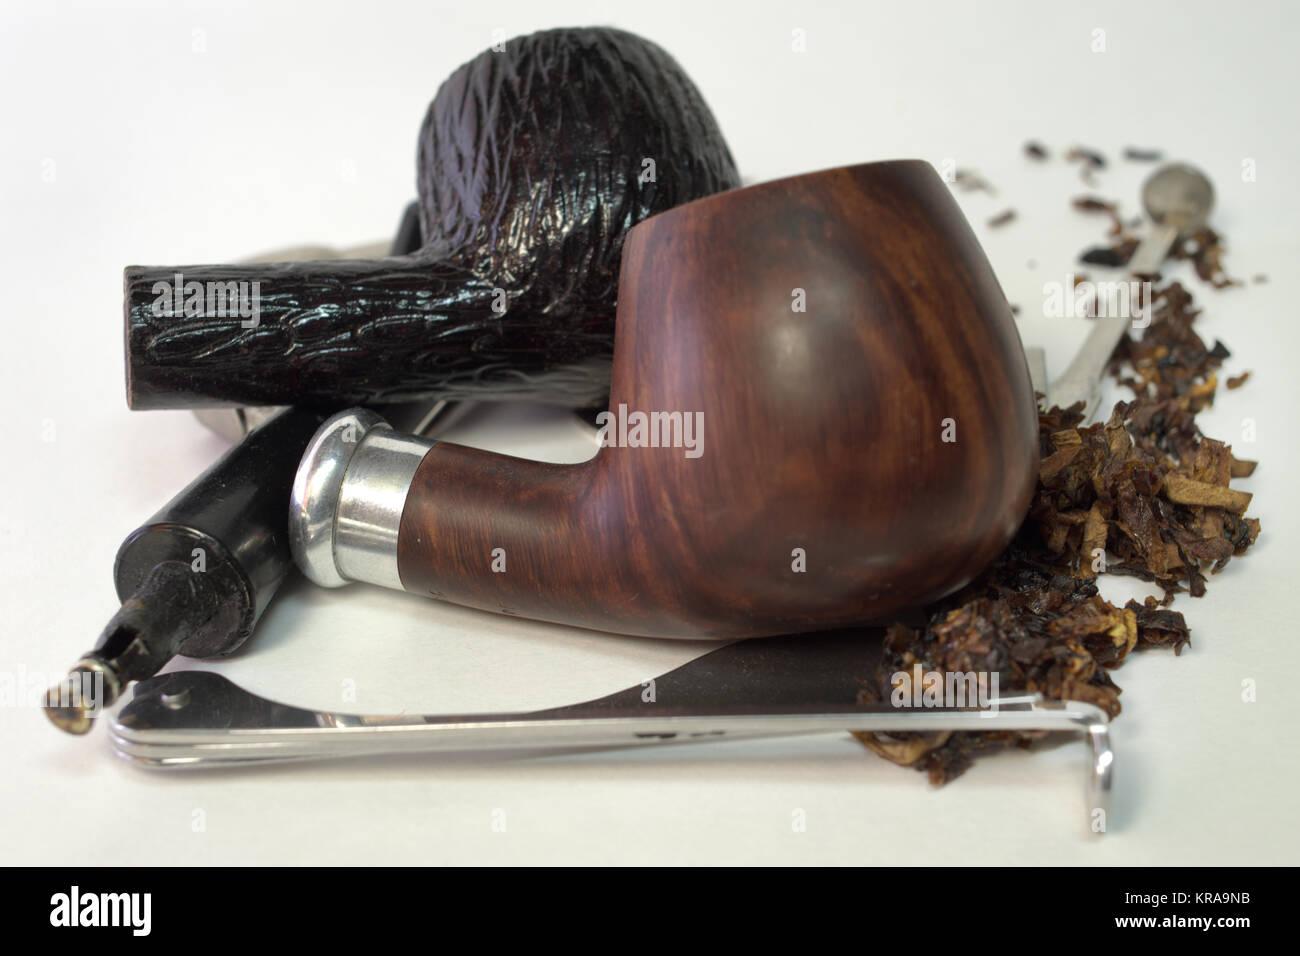 Legno tubi di fumo con filtro in metallo-refrigeratore, tabacco, antimanomissione in acciaio inossidabile Immagini Stock